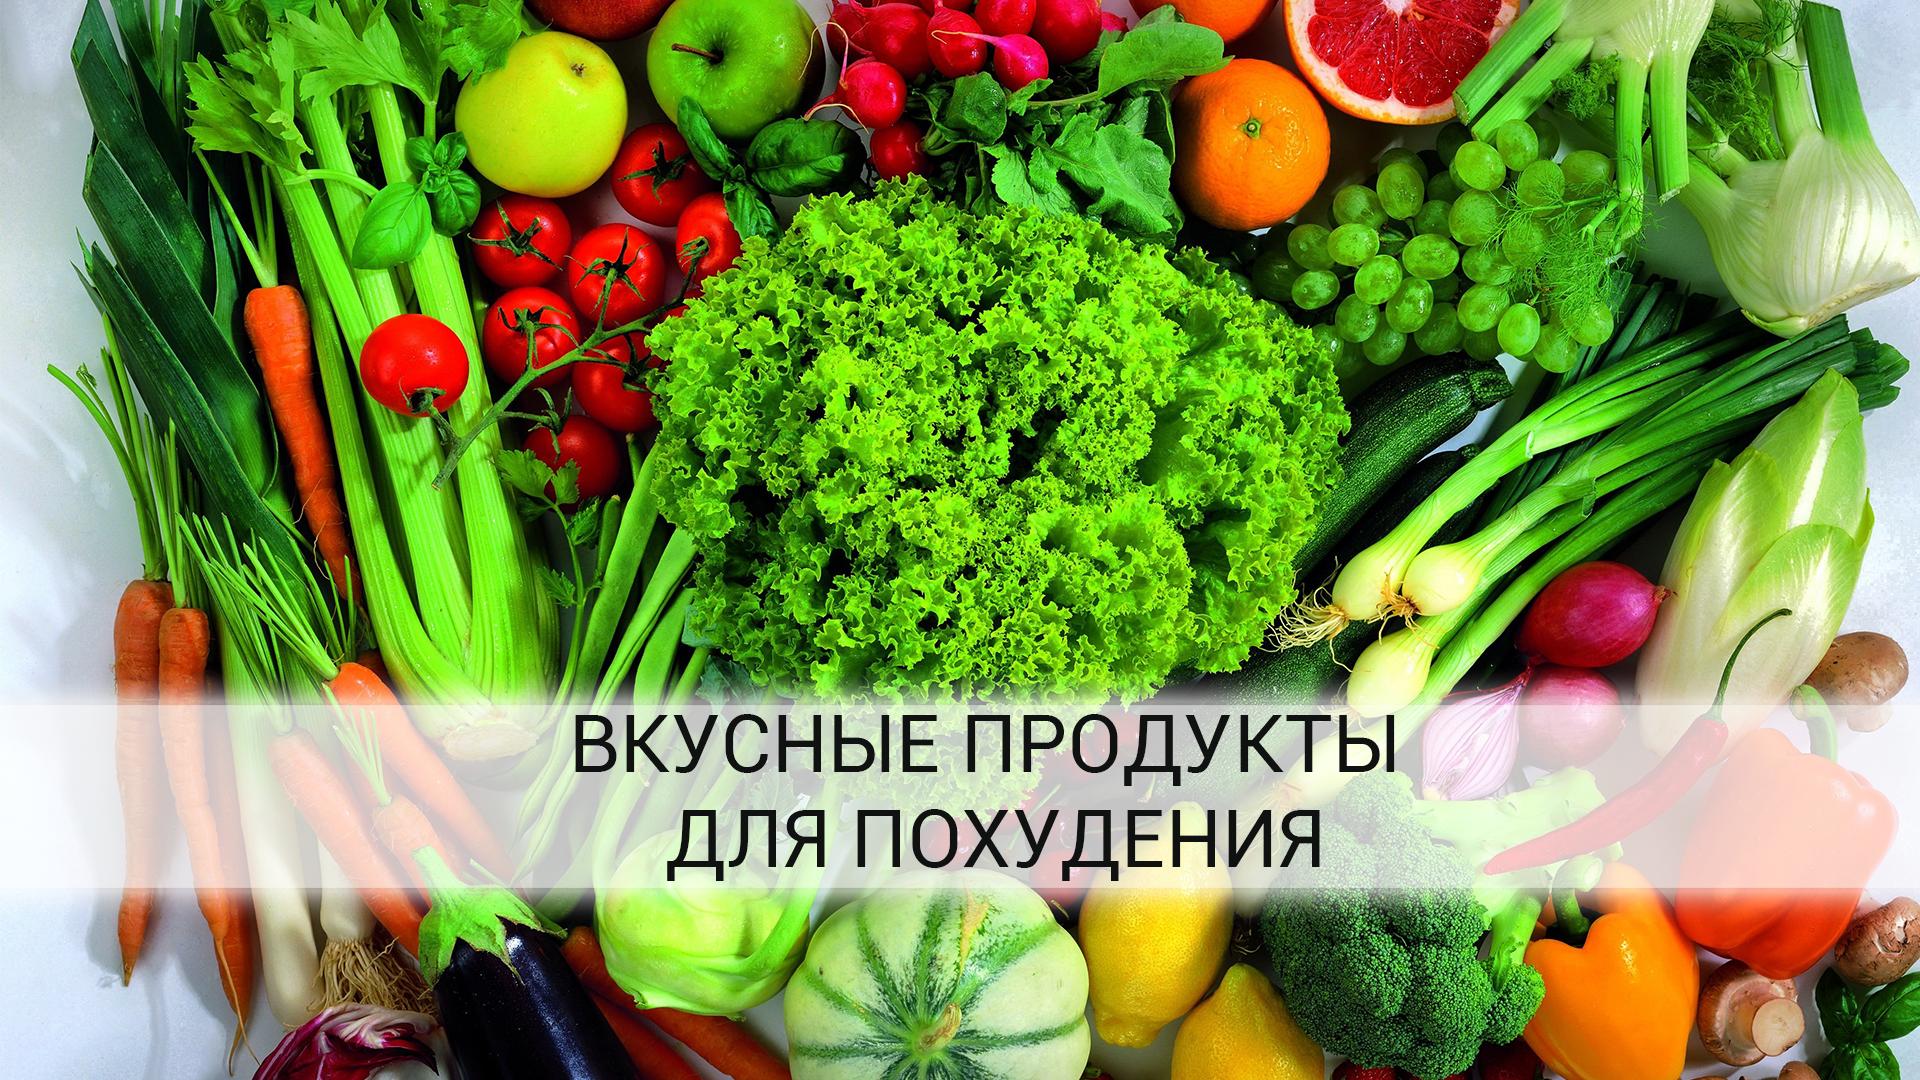 Самые Легкие Продукты Для Похудения. Полный список продуктов для похудения